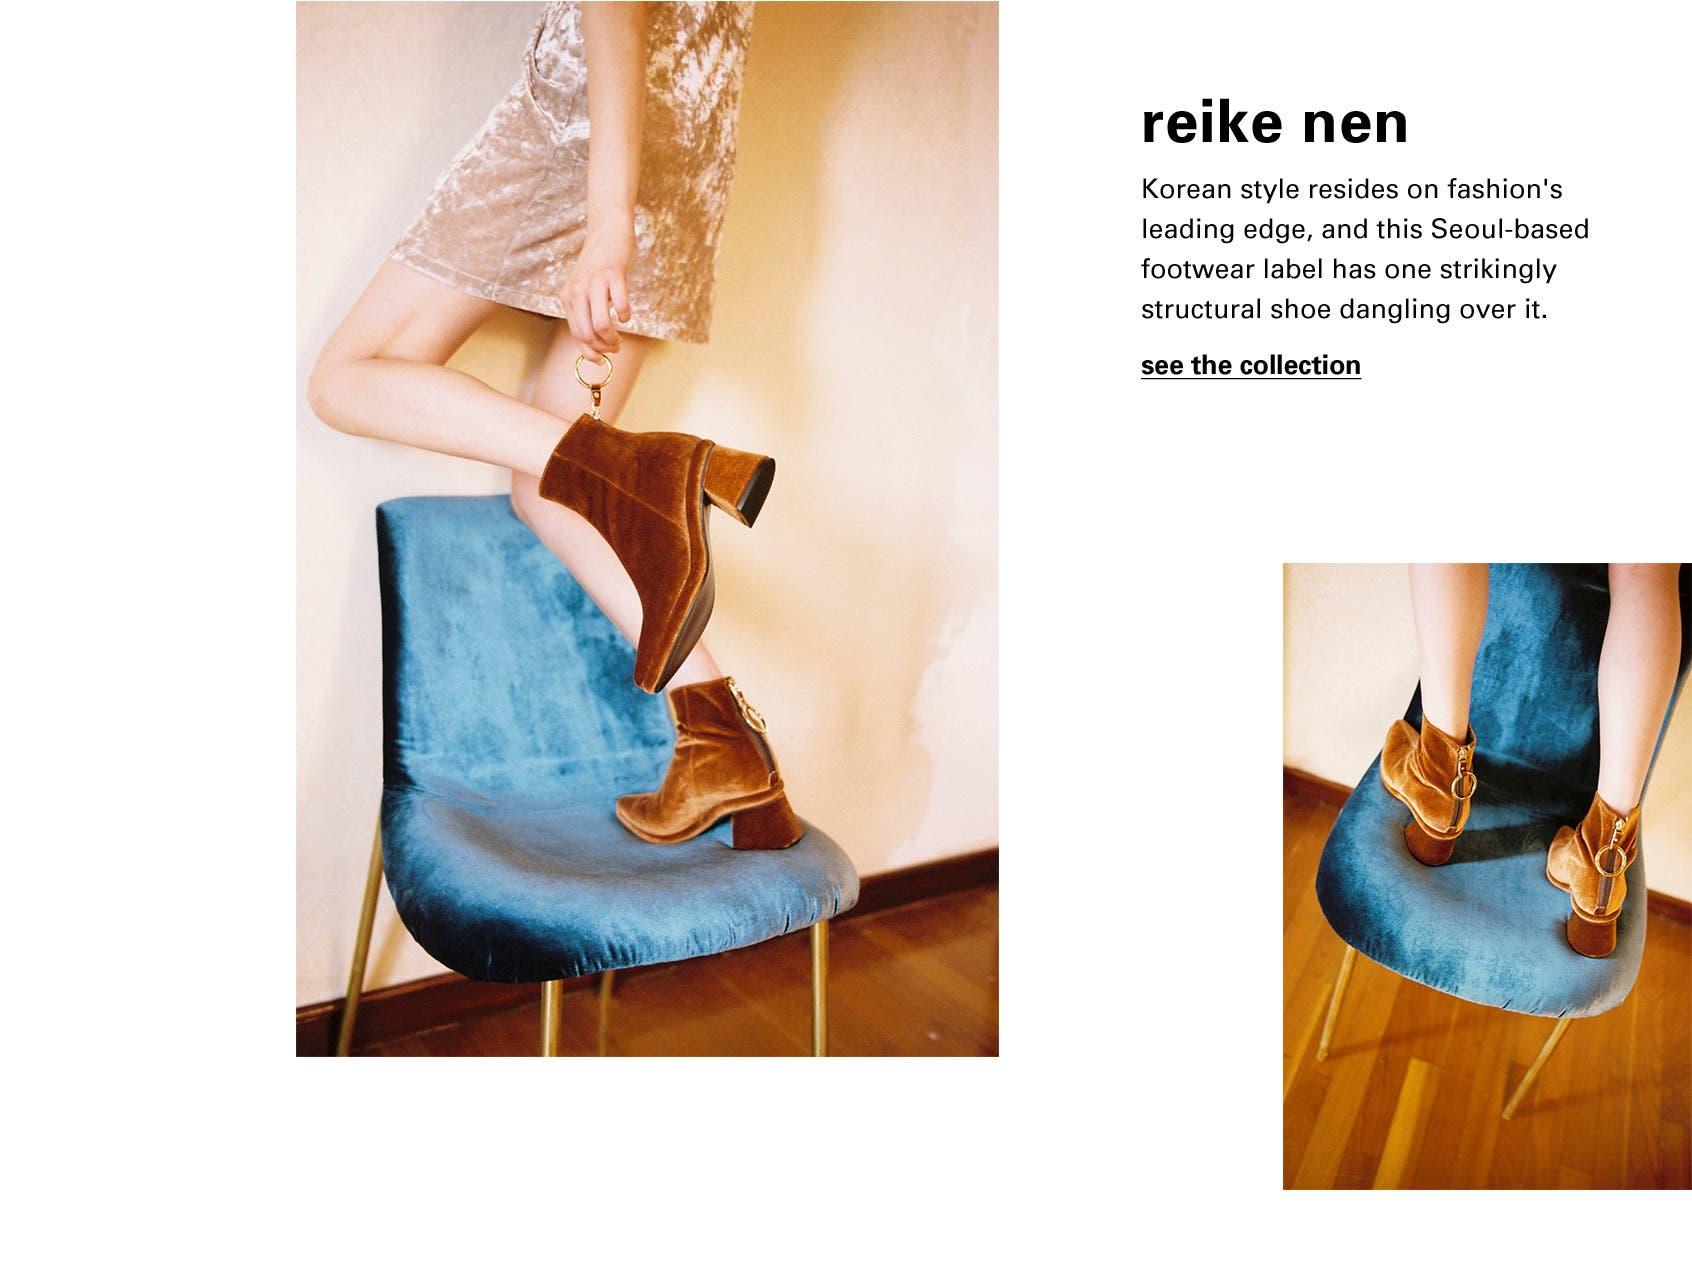 Reike Nen ring boots in velvet.